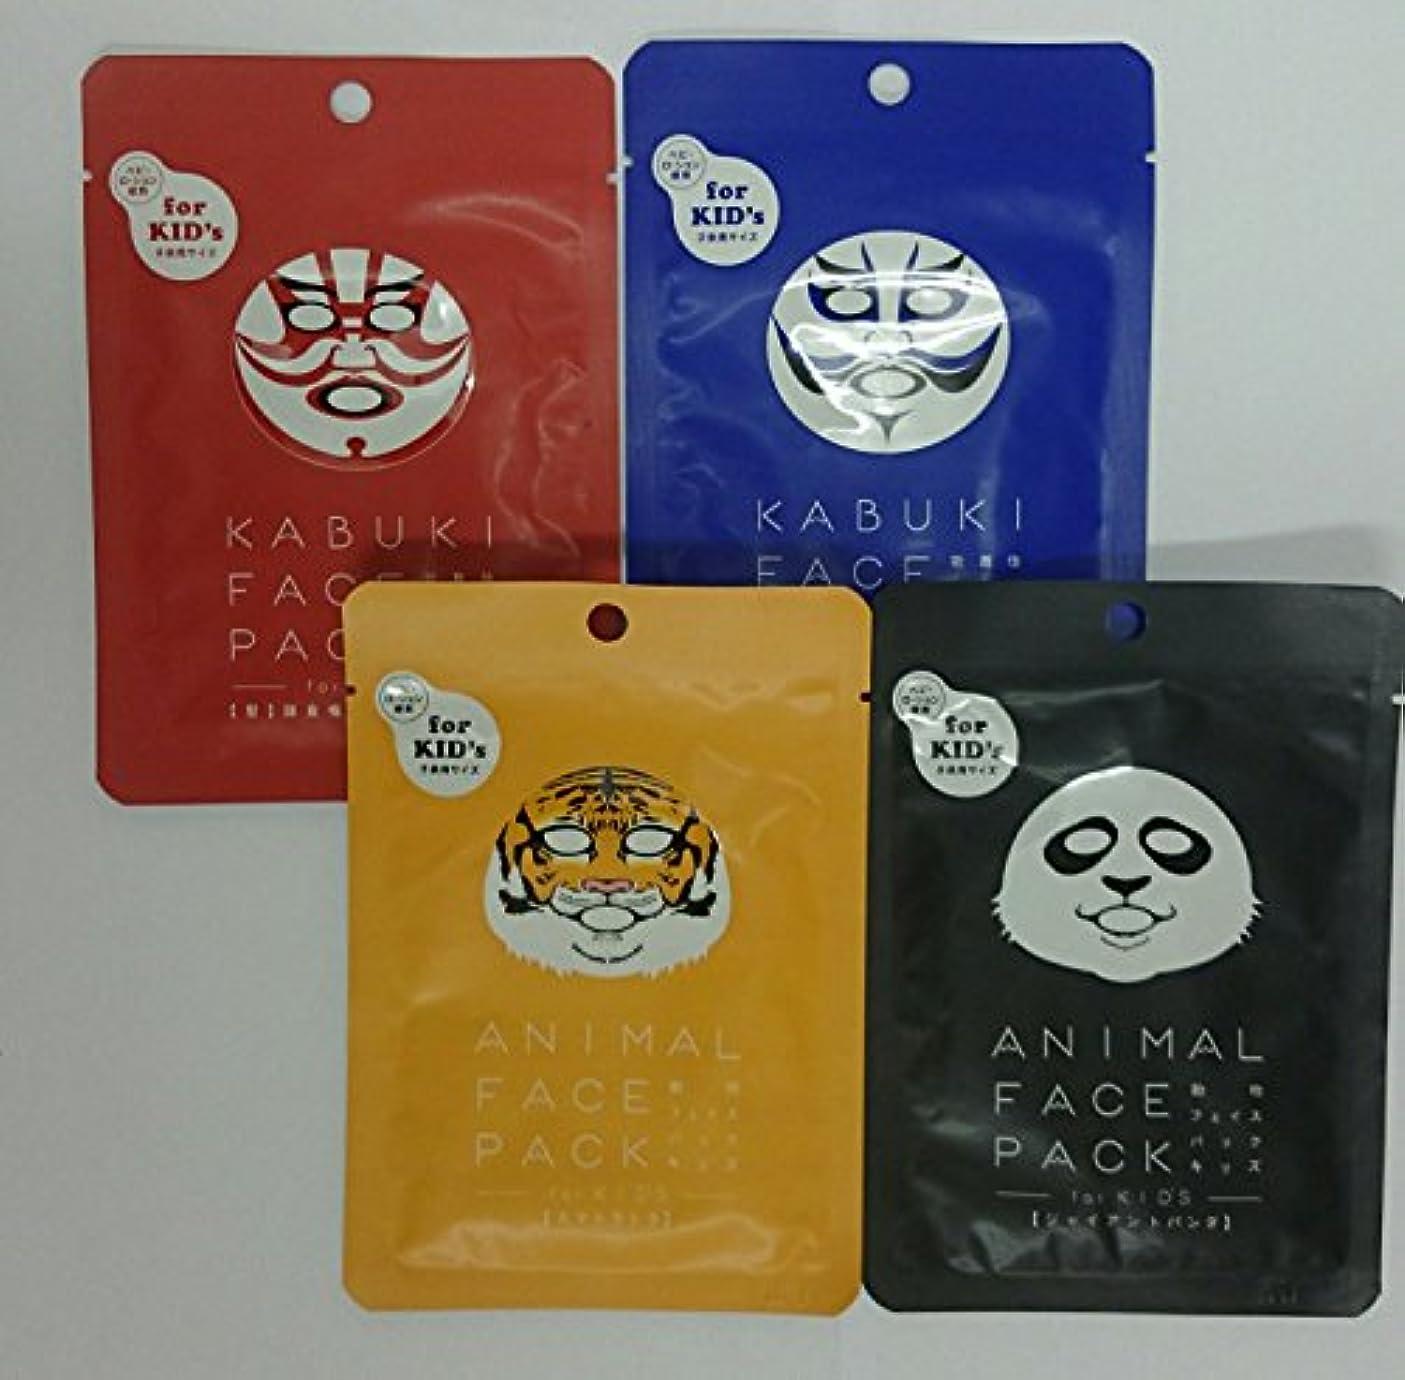 超音速俳優サンダー歌舞伎フェイスパック 子供用 KABUKI FACE PACK For Kids パンダ トラも! ベビーローション使用 4個セット